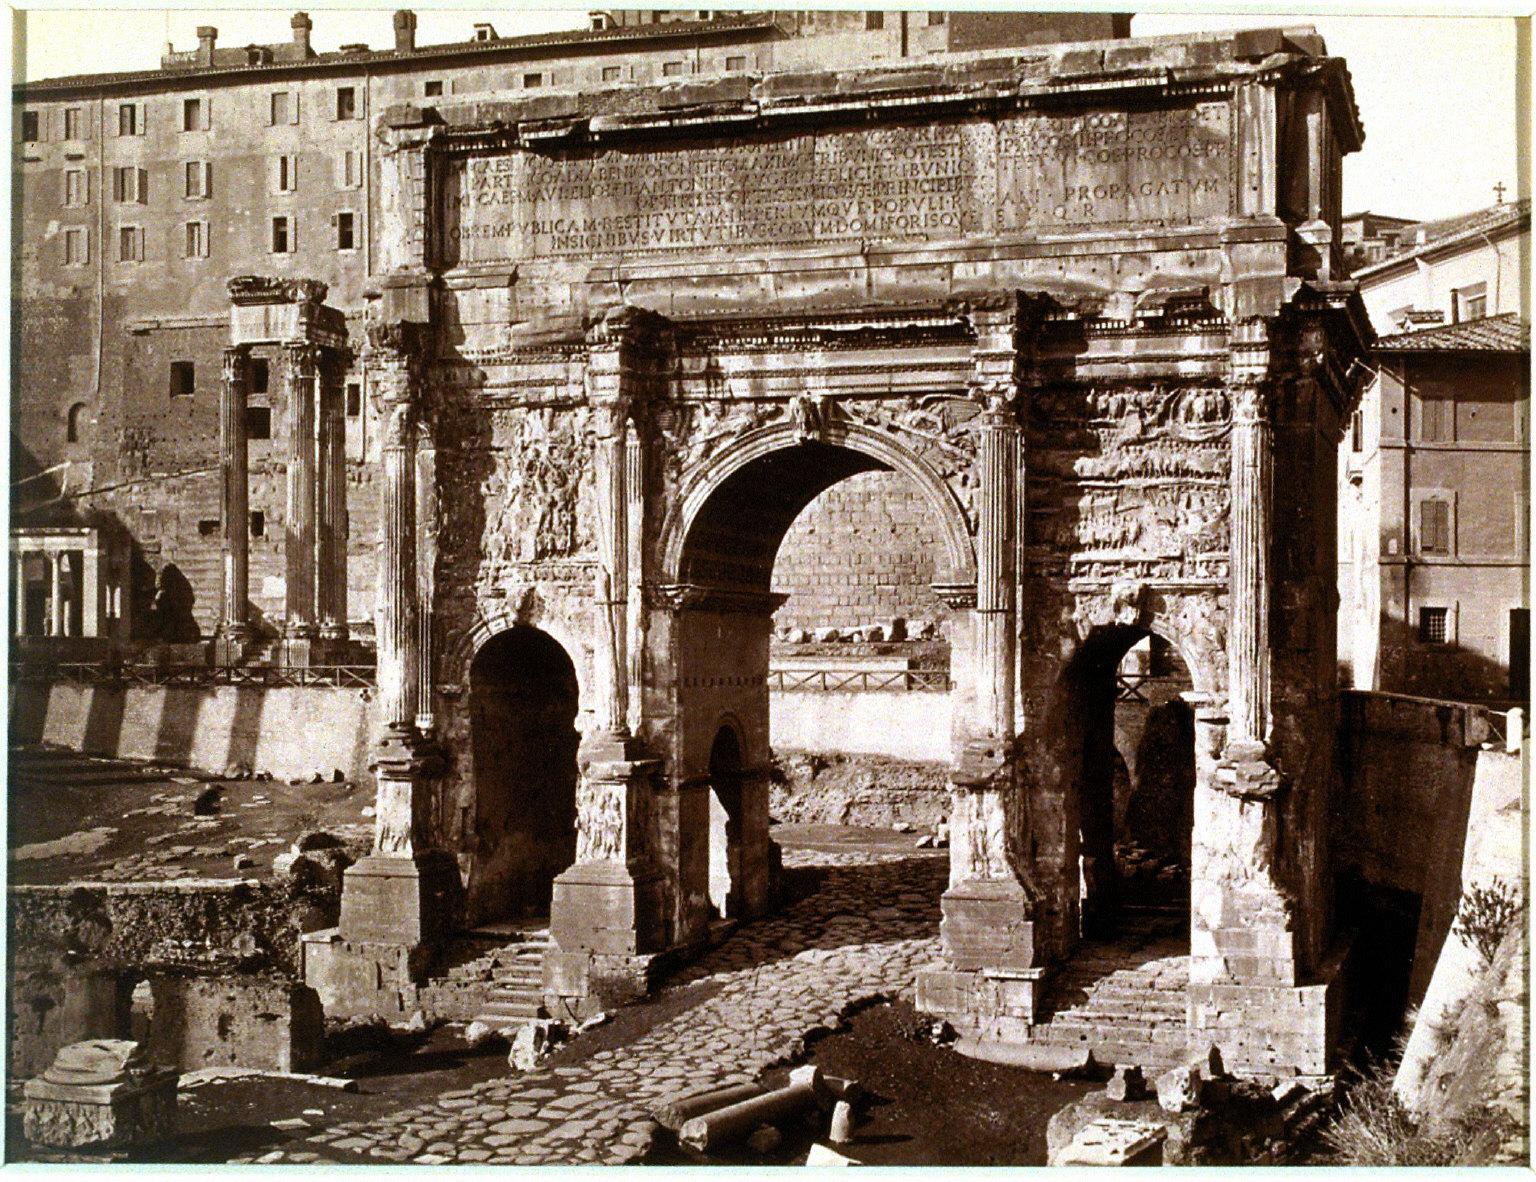 3646 Roma, Arco di Settimio Severo